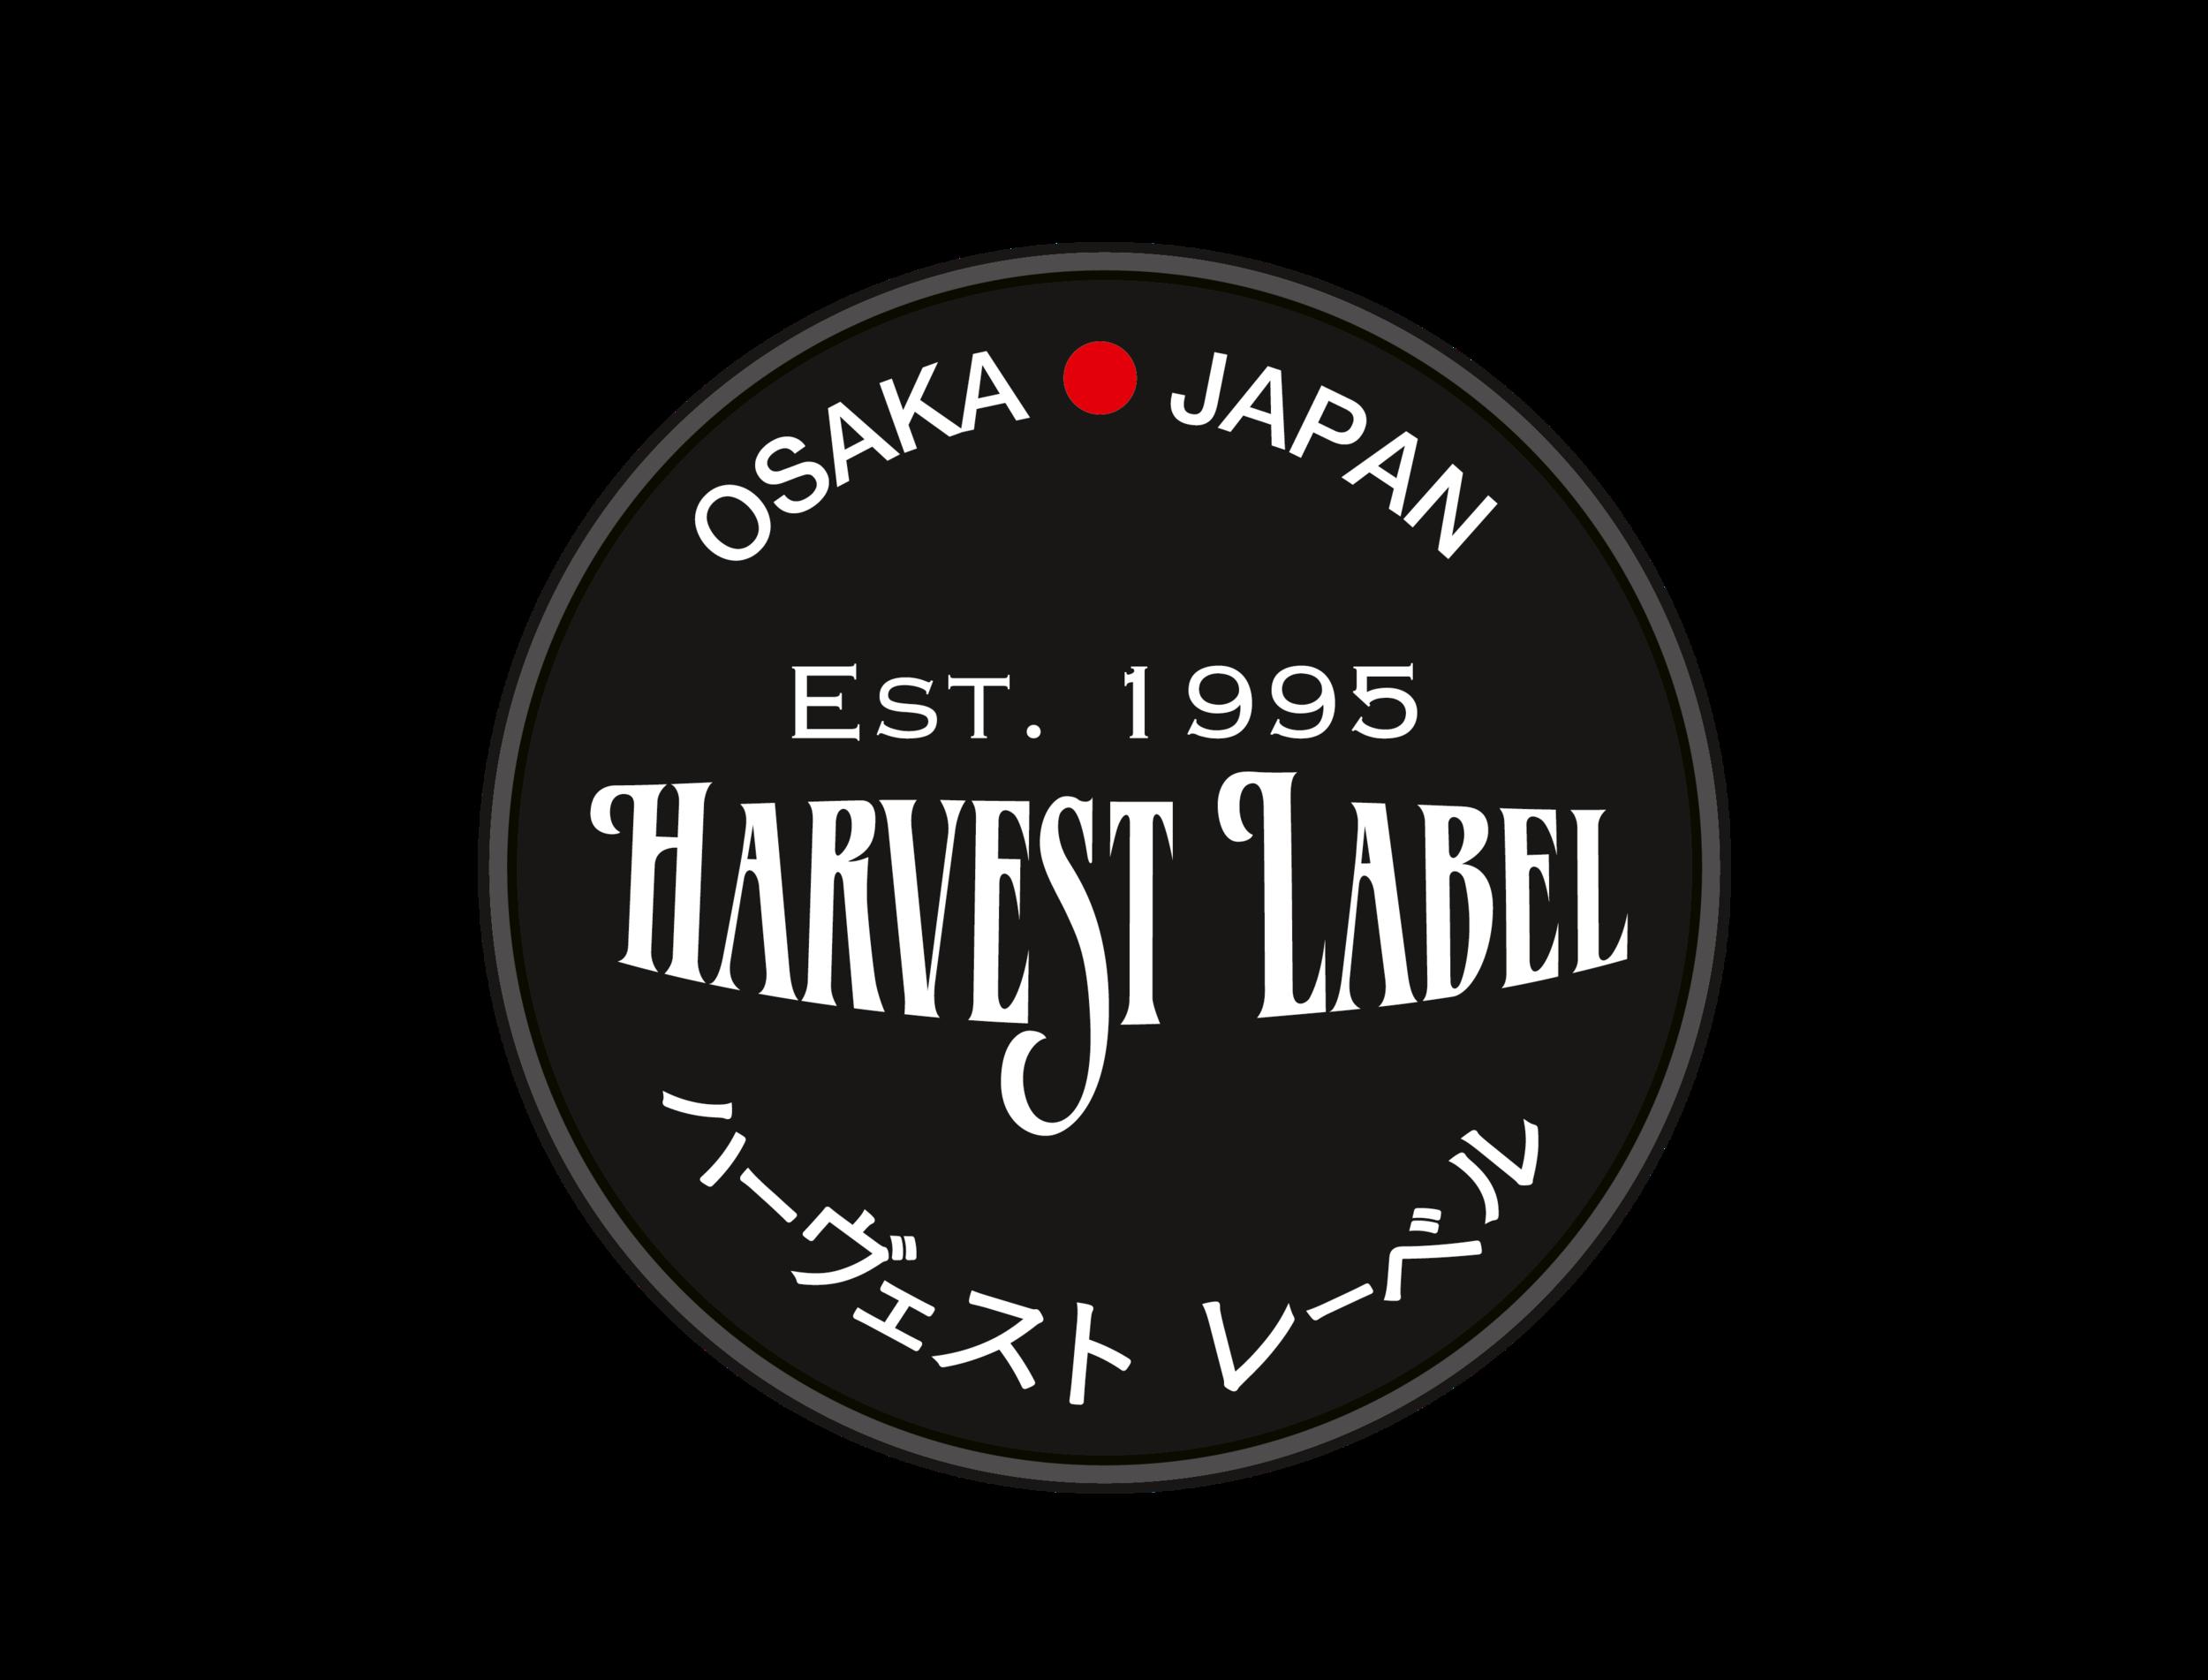 Harvest-label-made-in-japan-logo.png